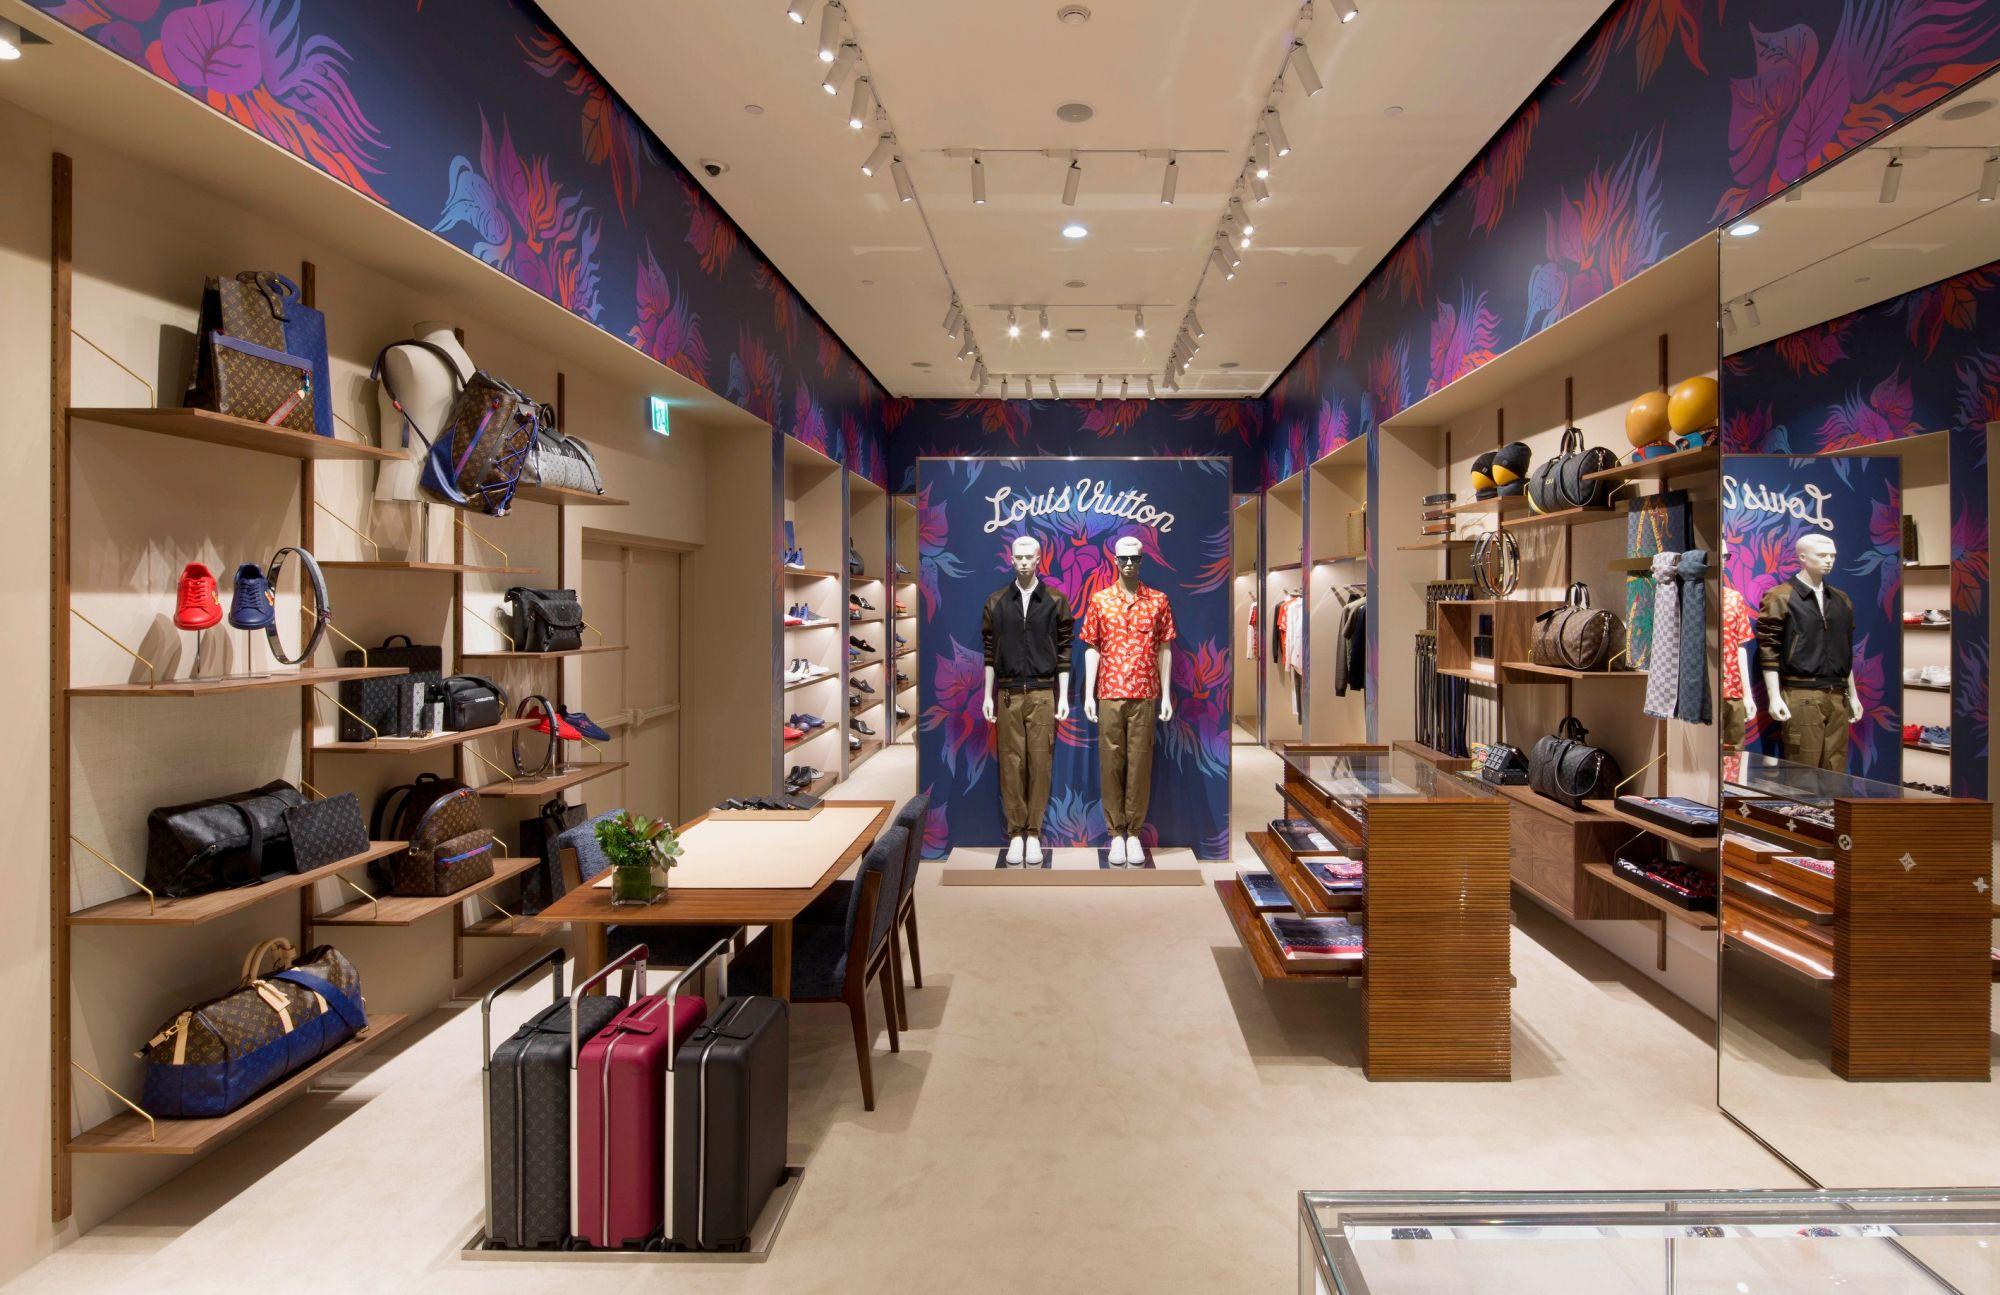 型男專屬!Louis Vuitton 台北復興 SOGO 推出男士專區